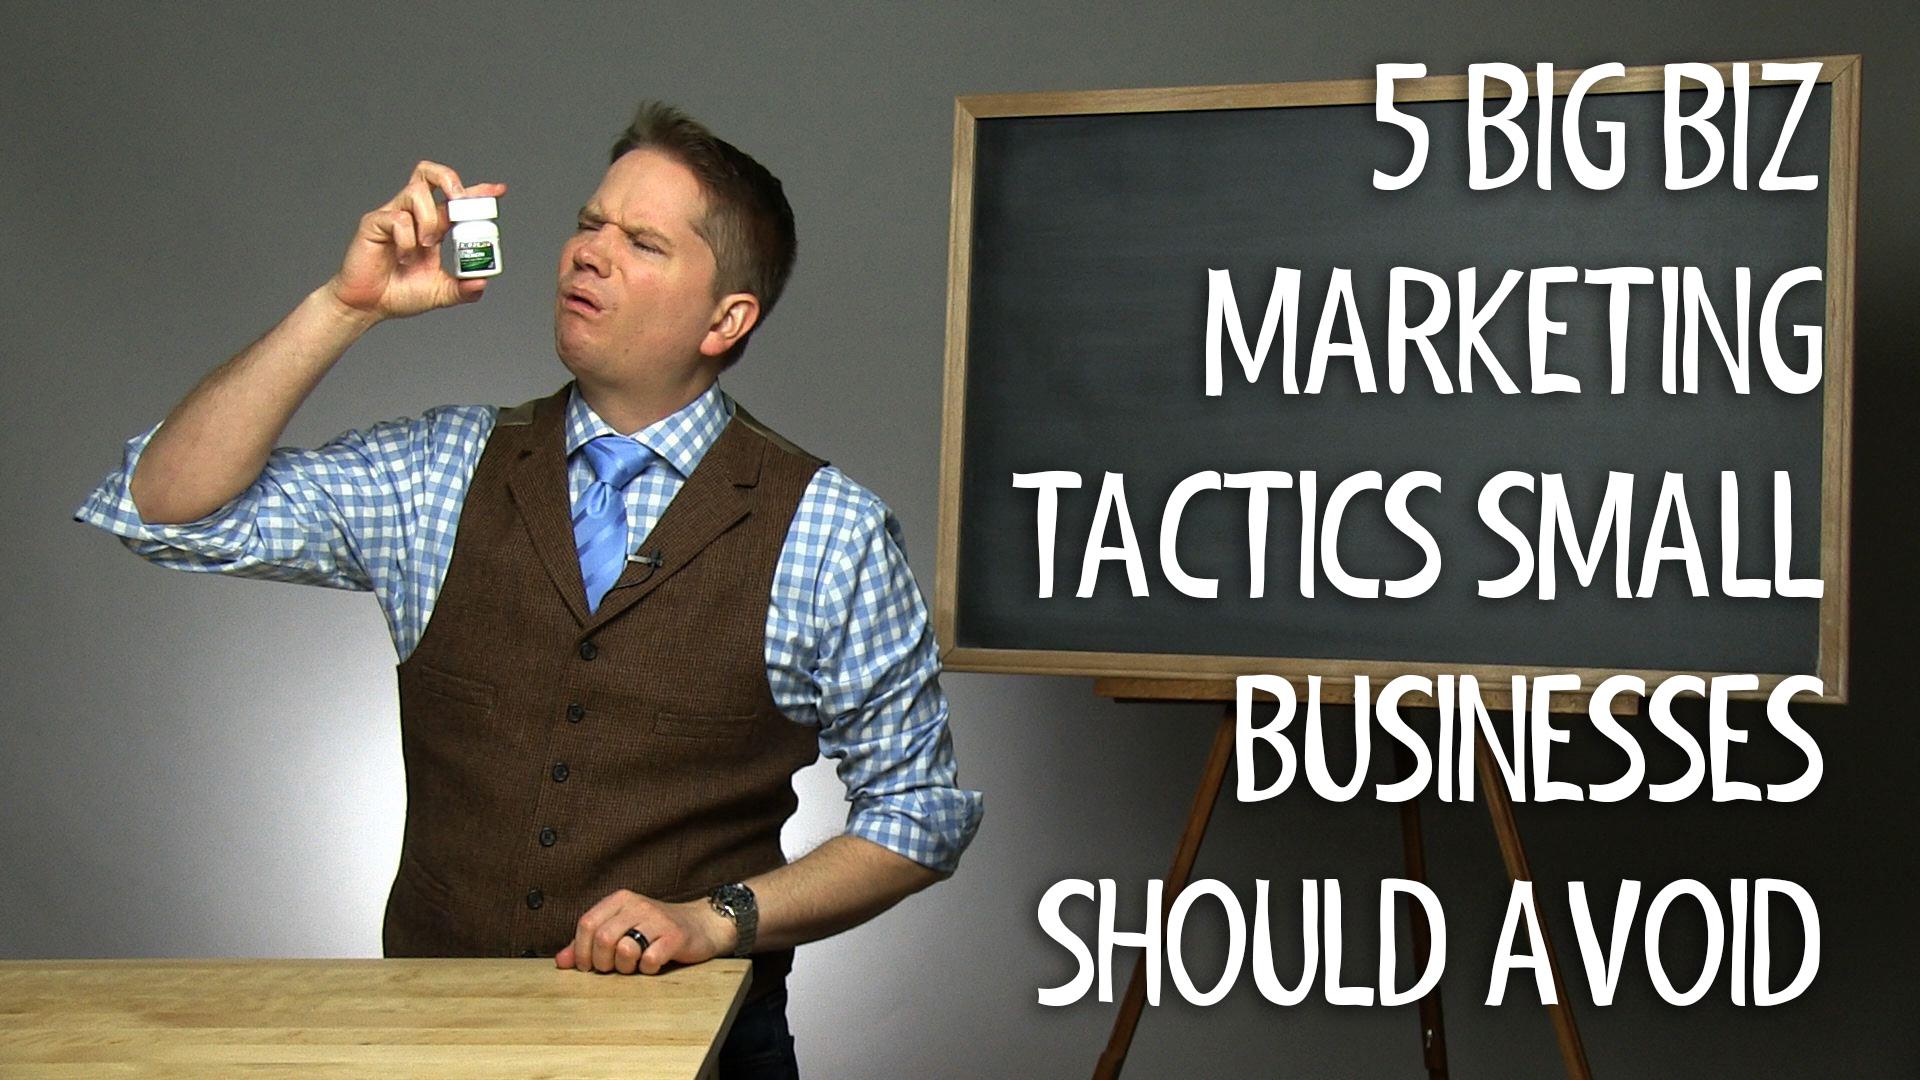 5 Big Biz Marketing Tactics Small Businesses Should Avoid